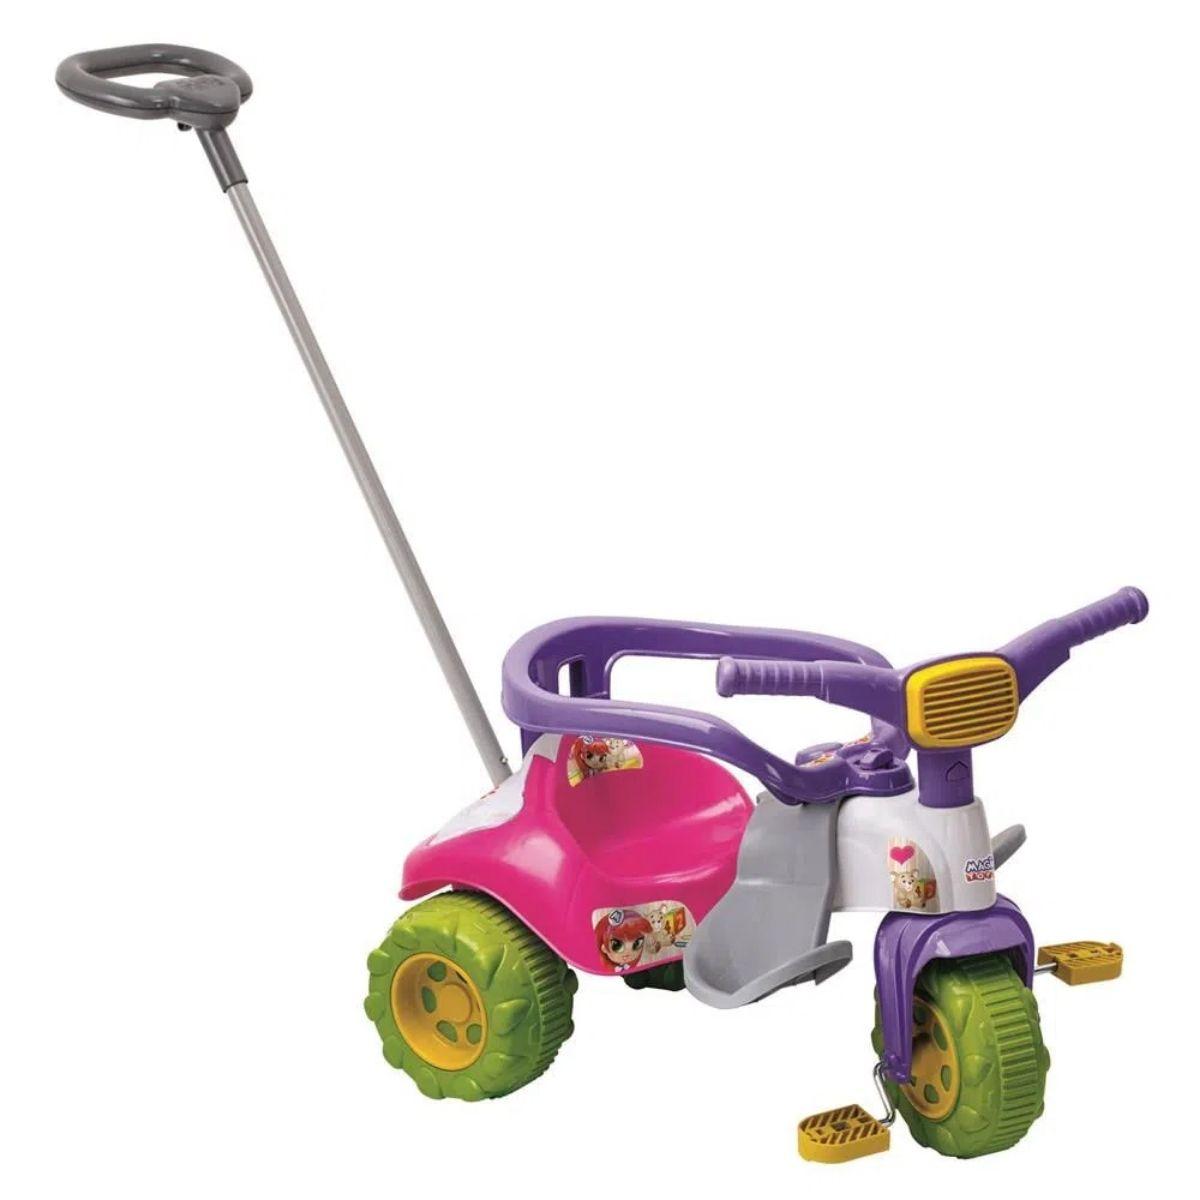 Tico Tico Zoom Meg Triciclo Infantil Com Aro Magic Toys